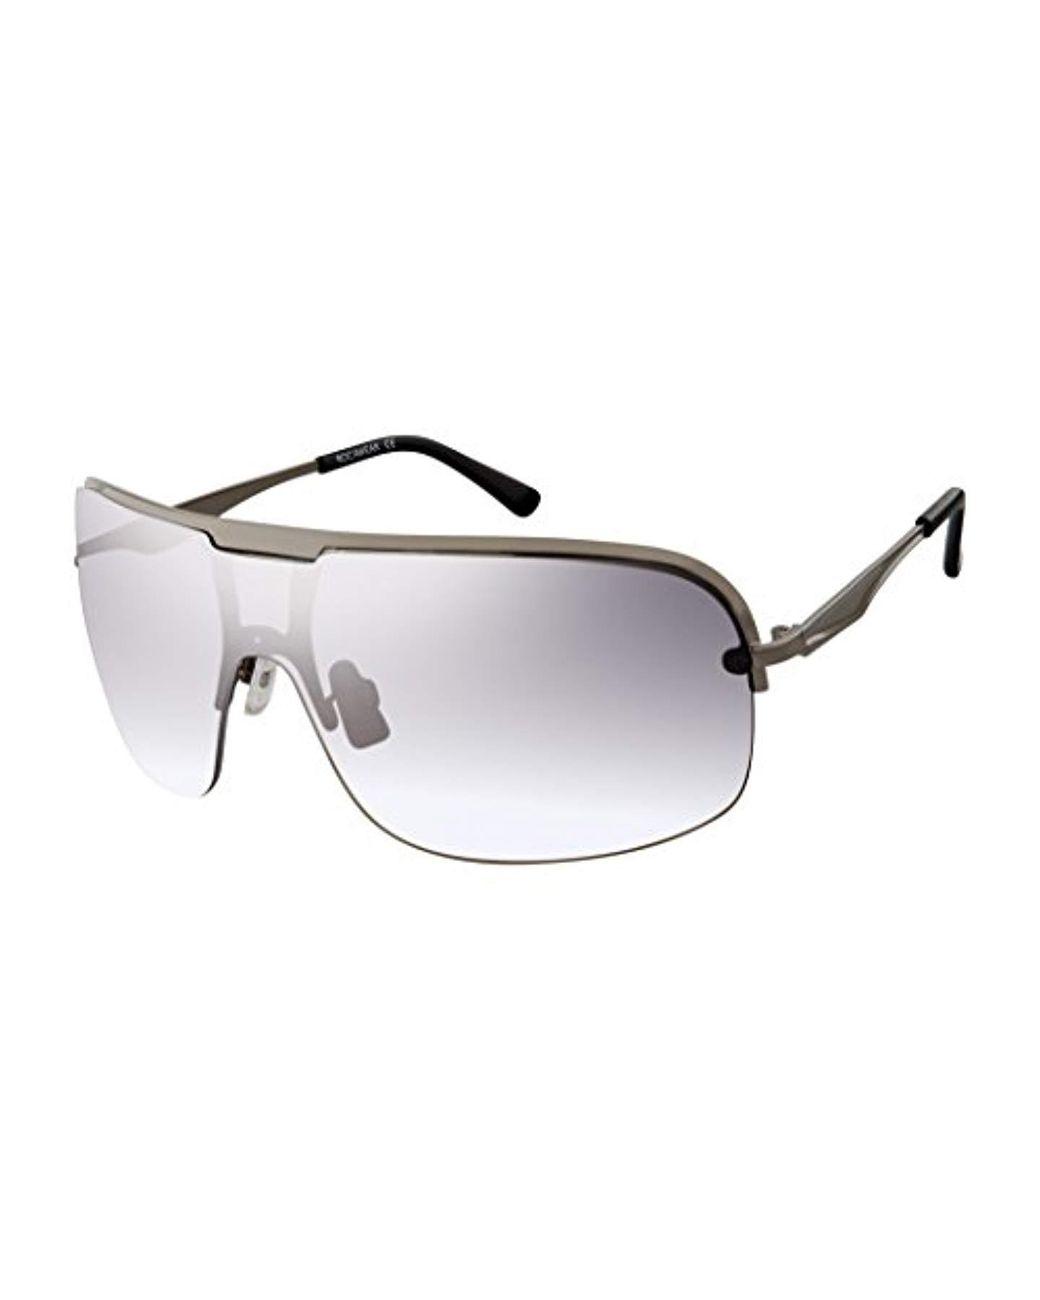 Rocawear Mens R1500 Slvwh Non-Polarized Iridium Aviator Sunglasses Silver White 60 mm